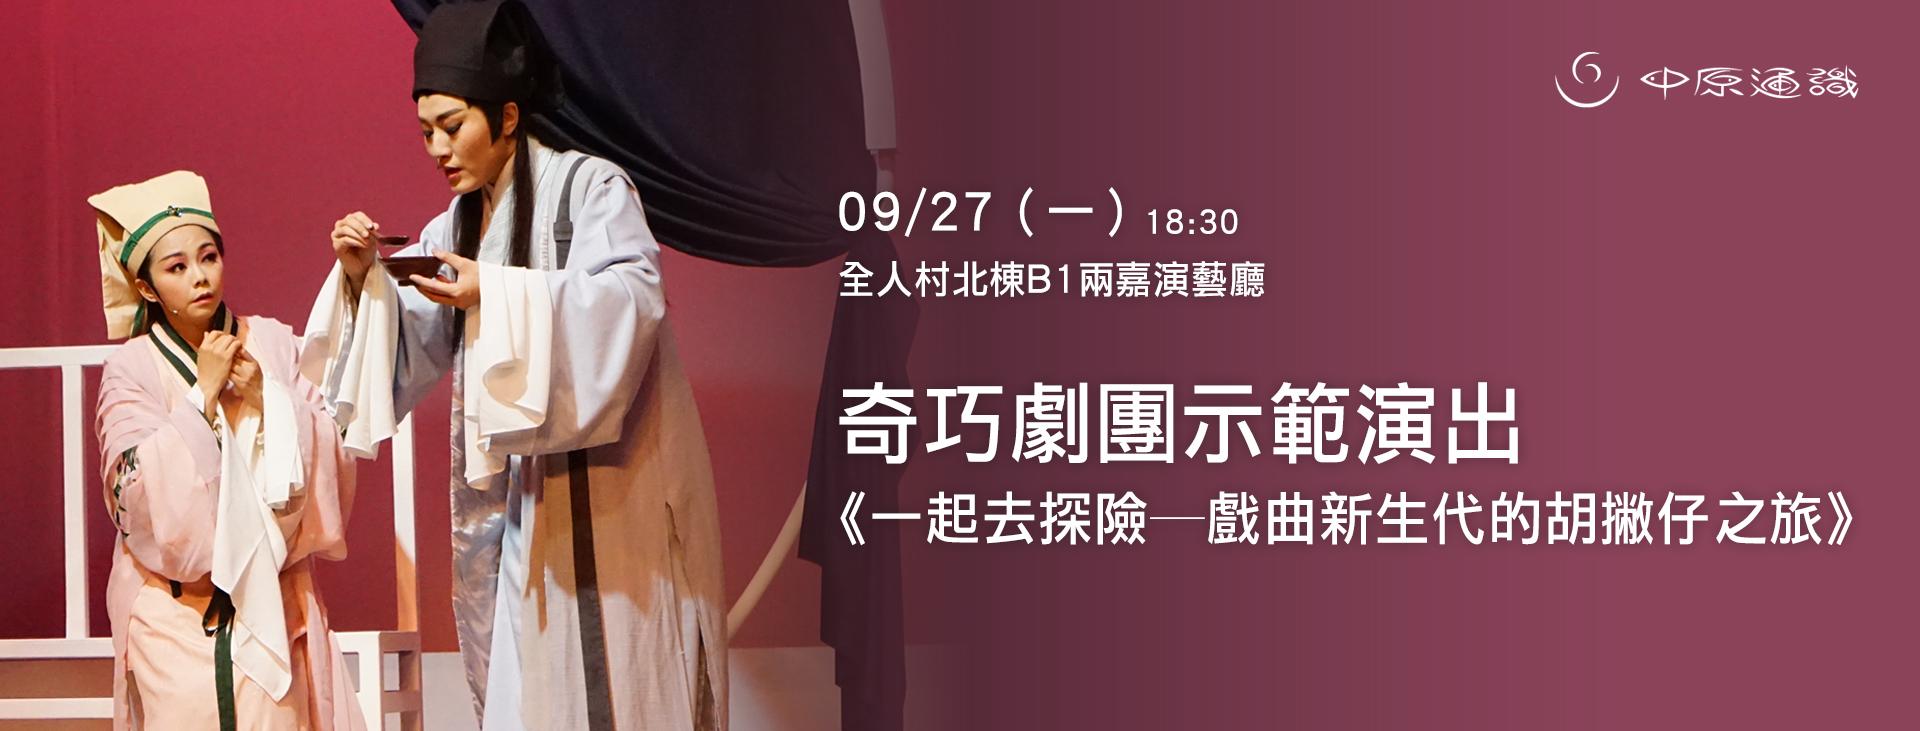 0927-奇巧劇團示範演出《一起去探險─戲曲新生代的胡撇仔之旅》